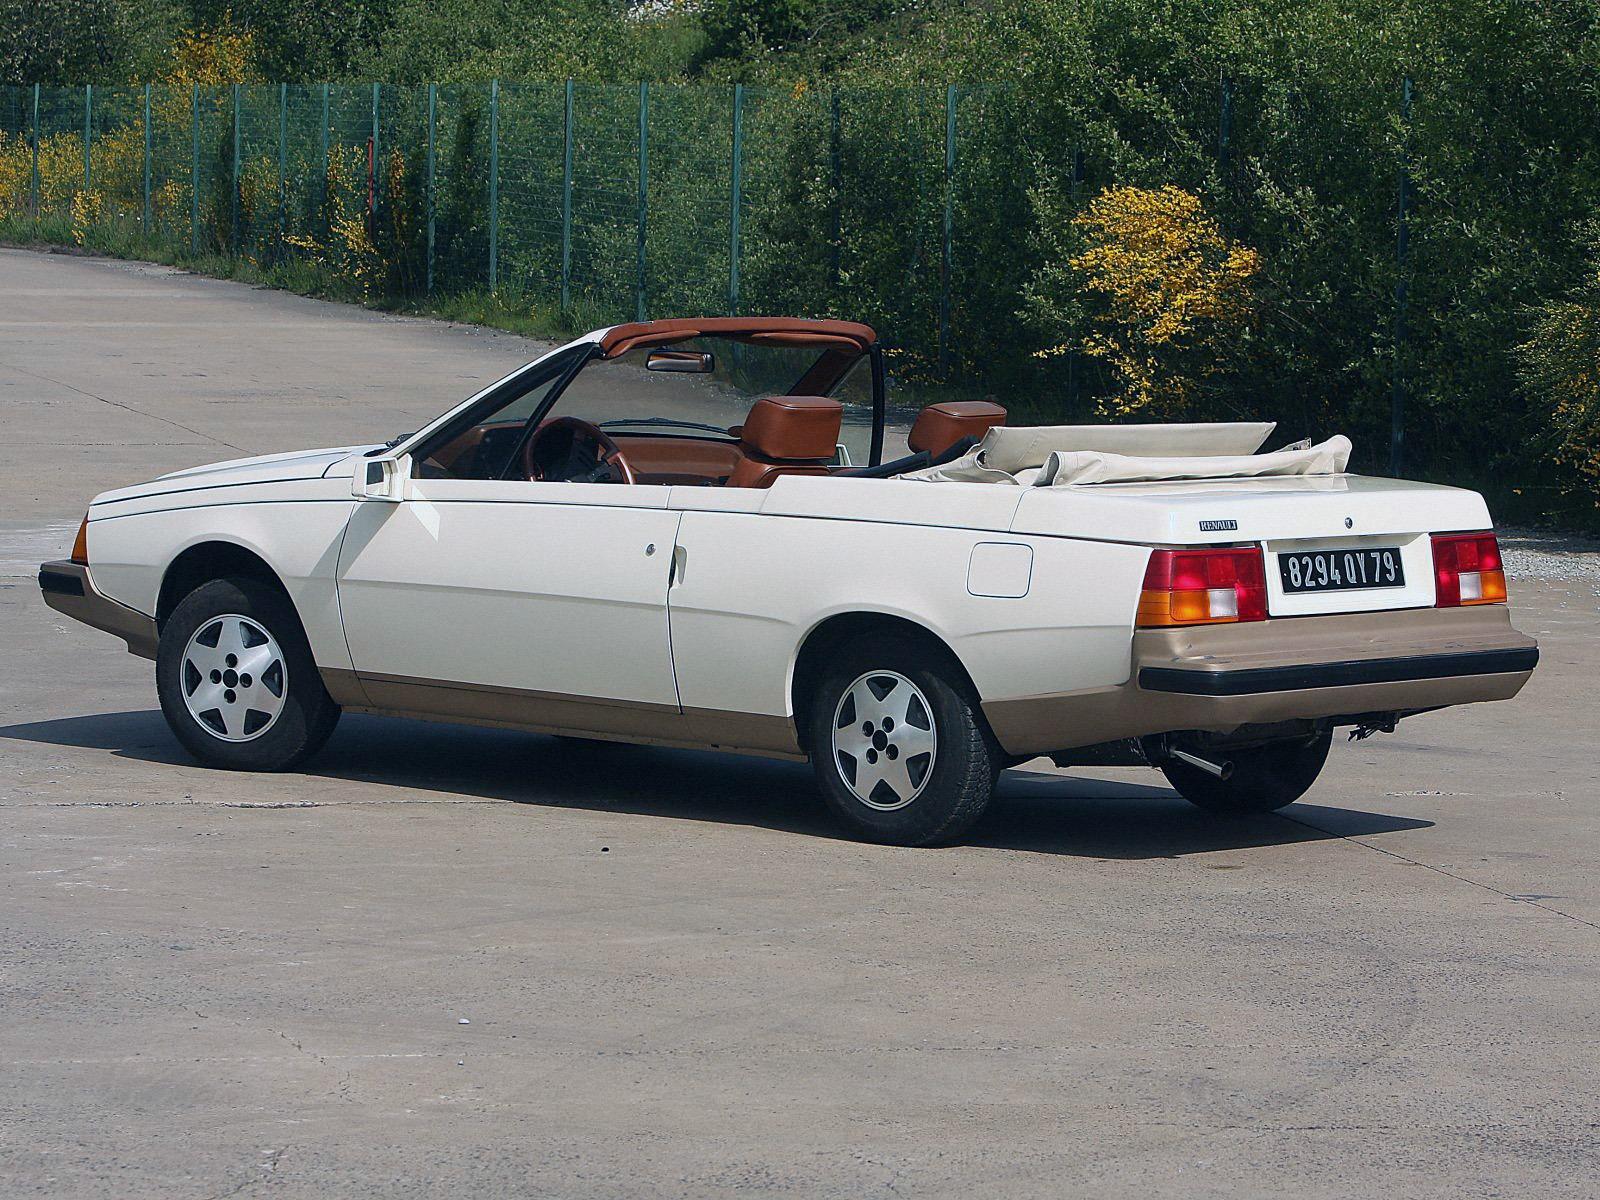 Chrysler Dealer Near Me >> Renault Fuego Cabriolet Concept (1982) - Old Concept Cars